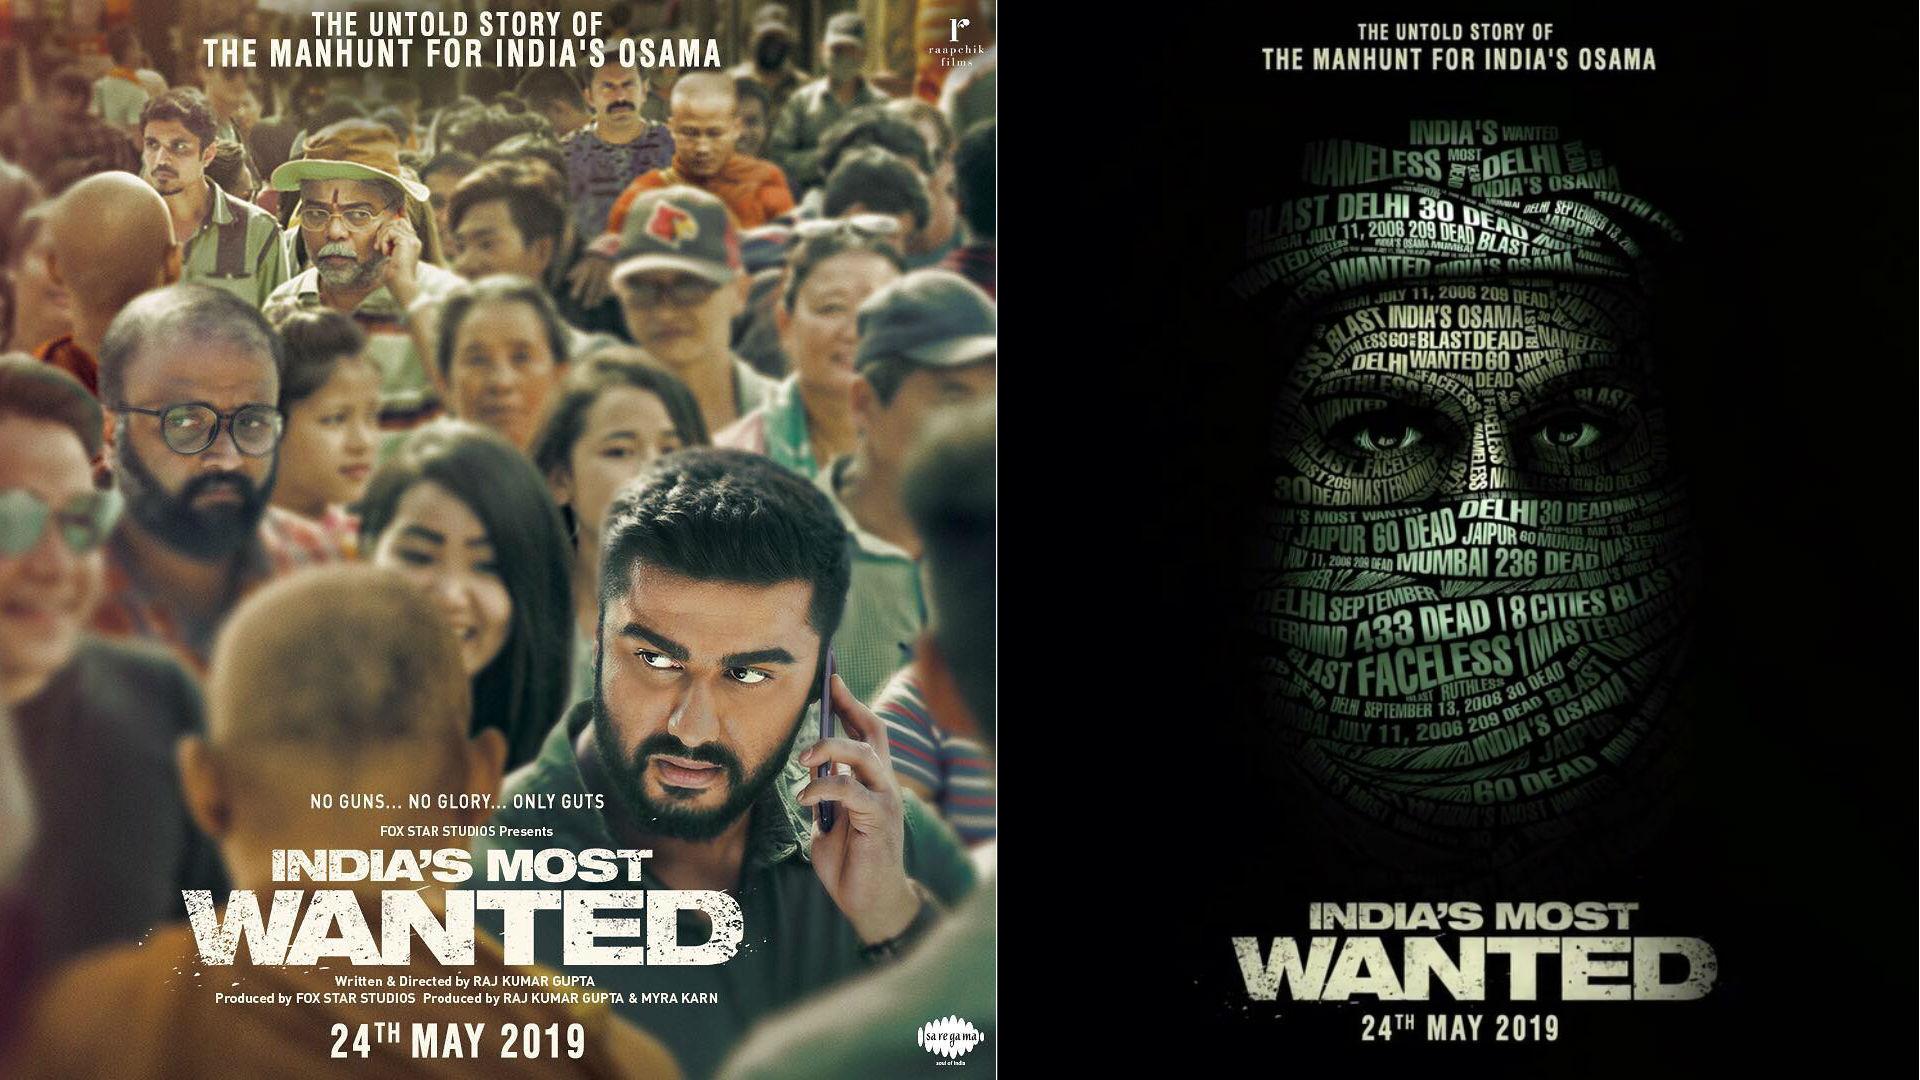 अर्जुन कपूर की फिल्म इंडियाज मोस्ट वांटेड का दमदार टीजर रिलीज, भारत के 'ओसामा' को पकड़ेंगे ये 5 लोग